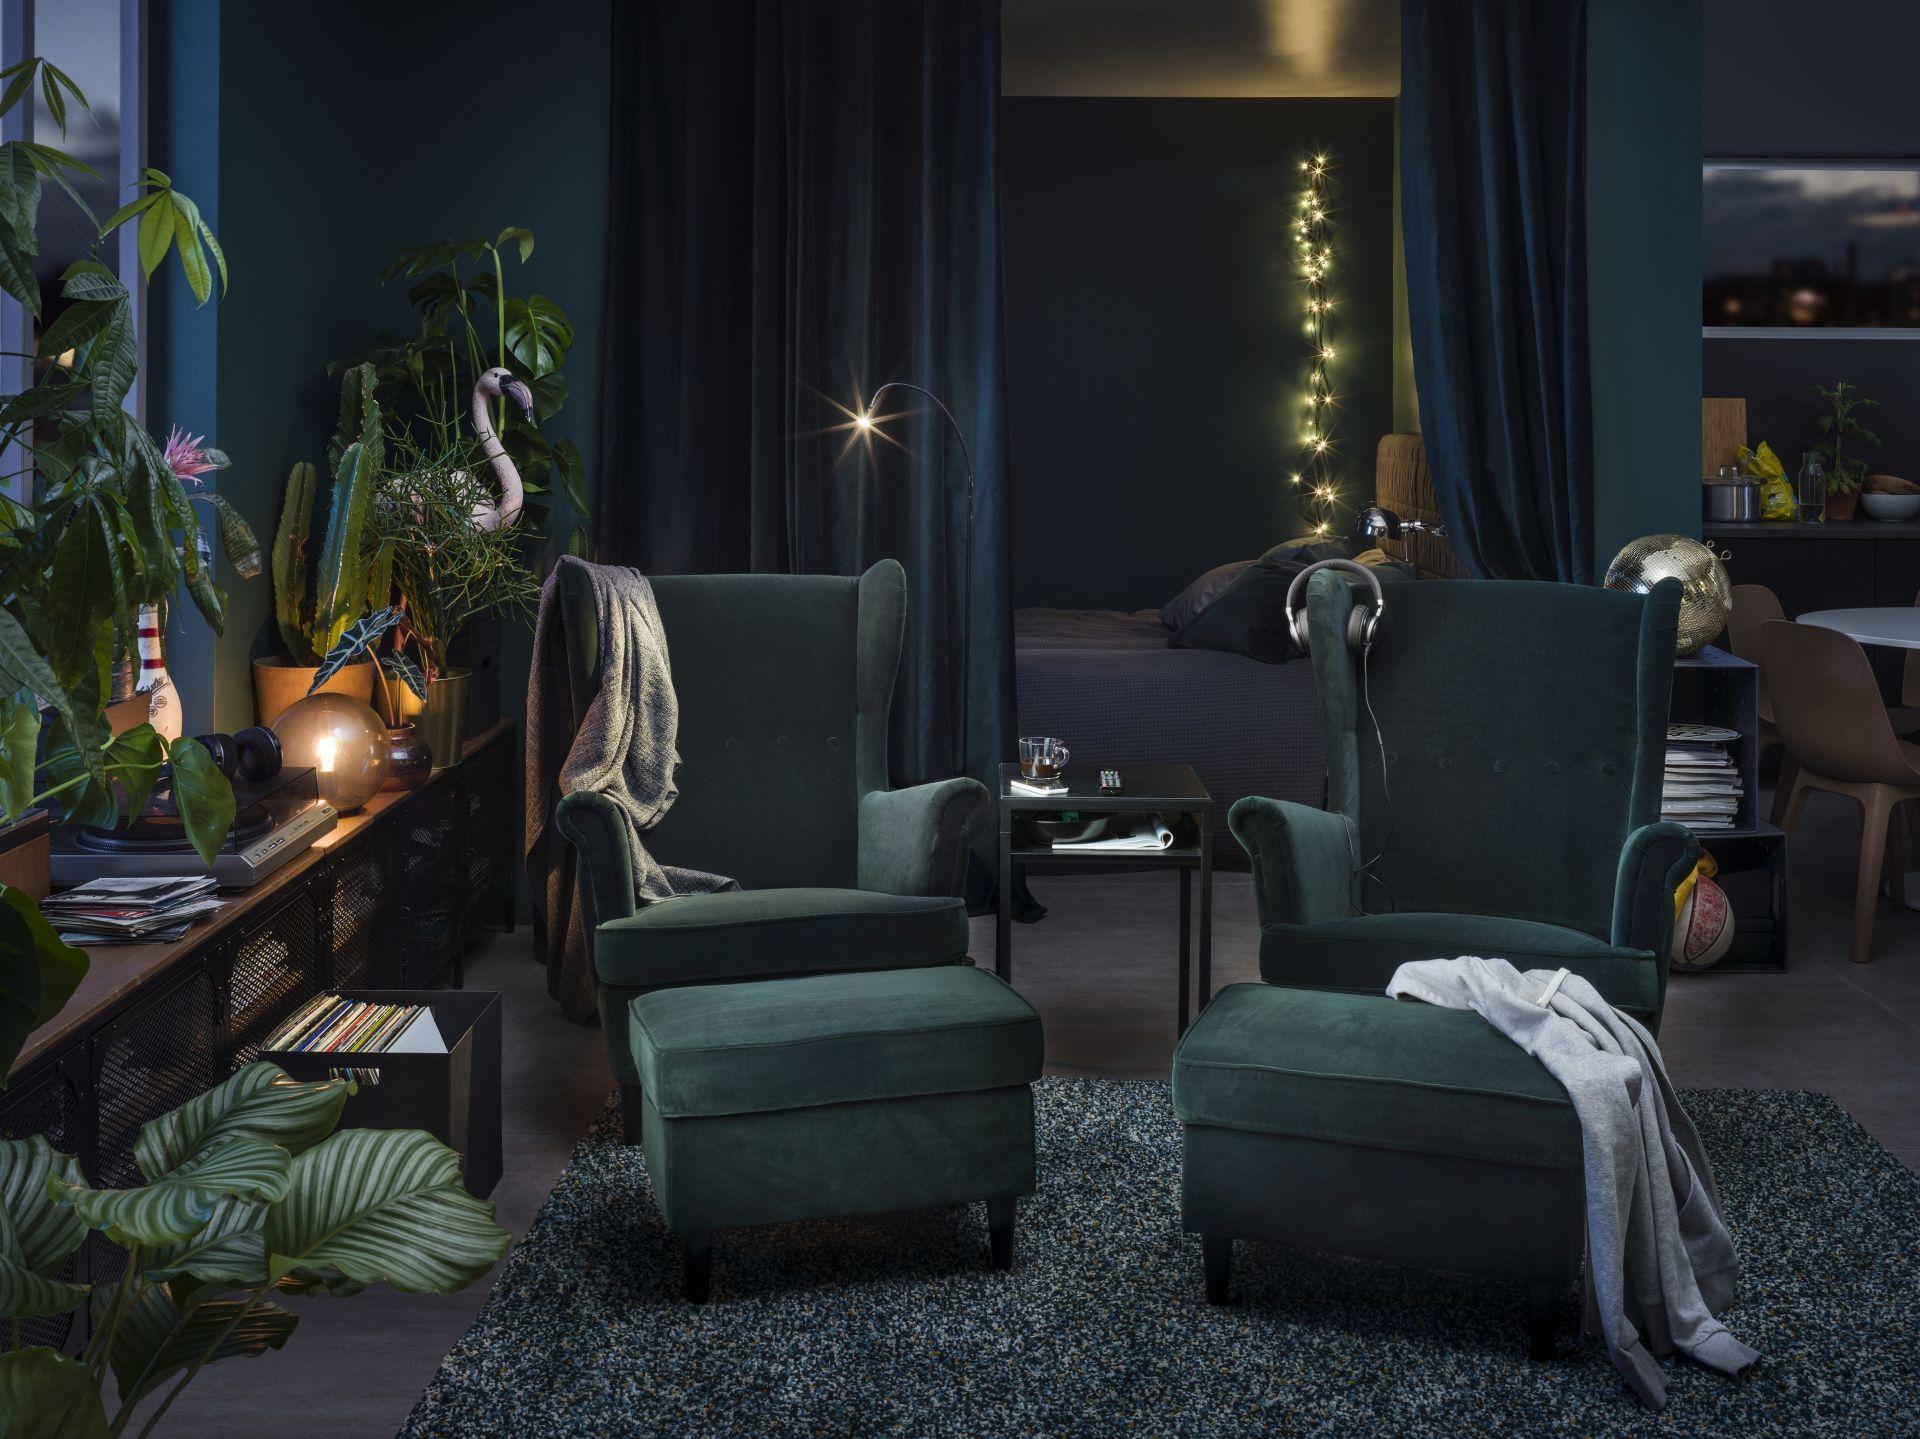 STRANDMON Oorfauteuil, Djuparp donkergroen | Interiors, Living rooms ...